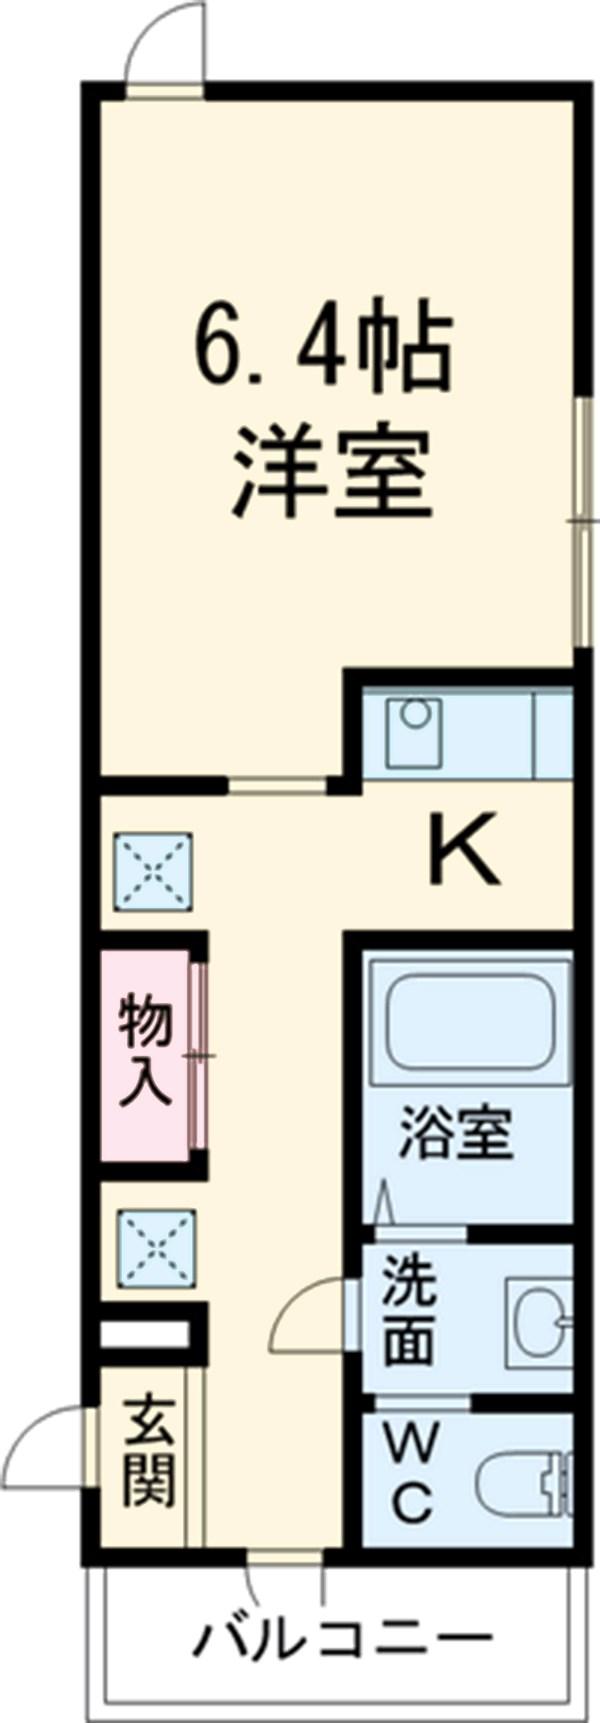 第12フォンタナ駒沢 201号室の間取り